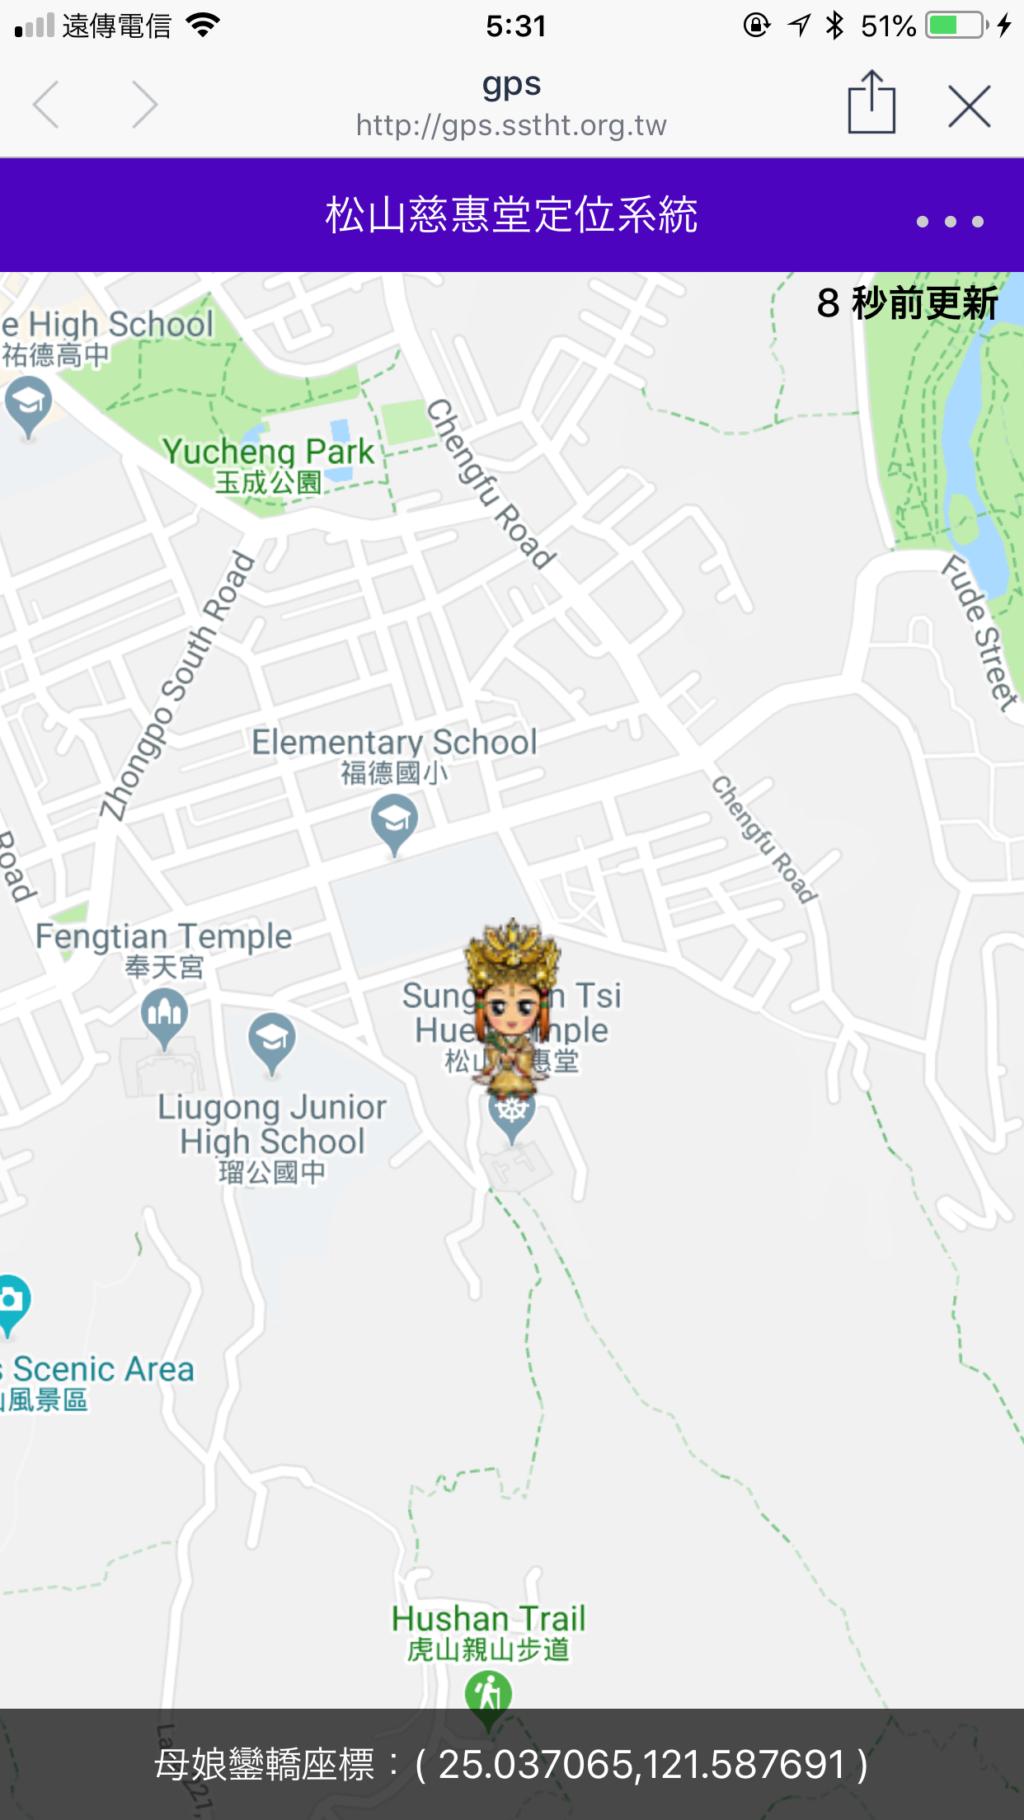 GPS情報で、パレードの現在位置を調べられる